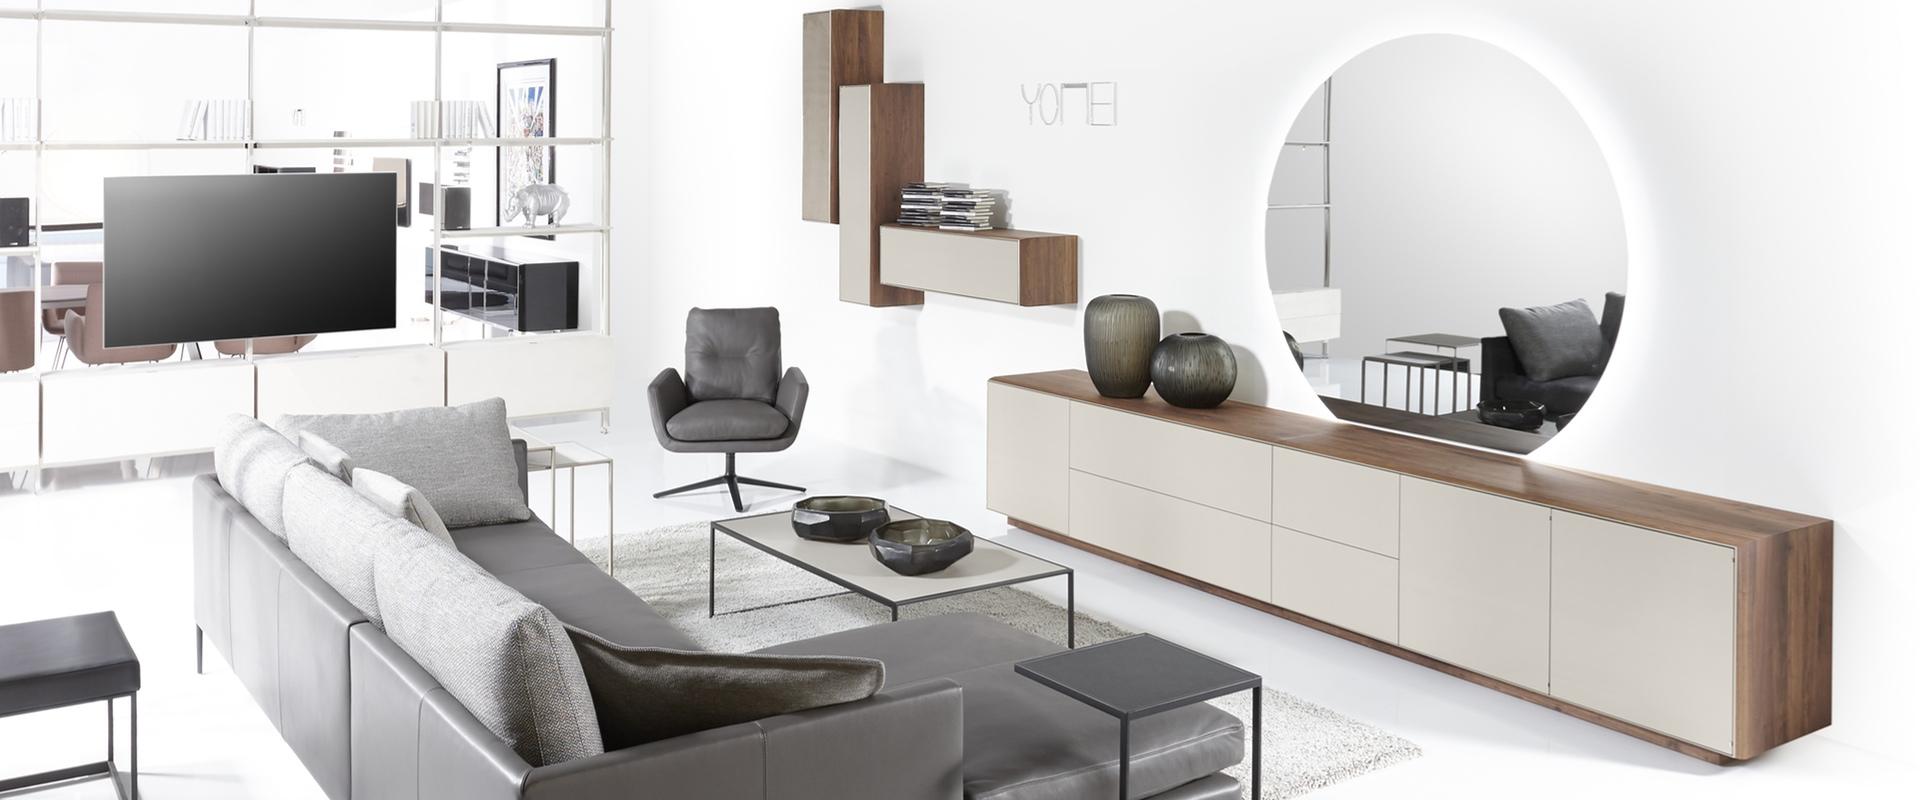 Die Serie S100 von YOMEI bei Hans G. Bock: Sideboards und Wandhänger gelungen kombiniert.